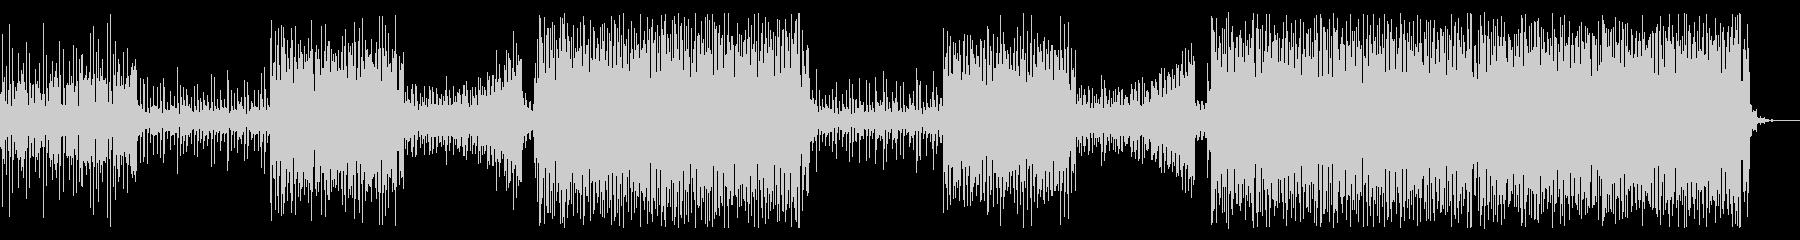 洋楽トレンドセツナ系トロピカルハウスの未再生の波形